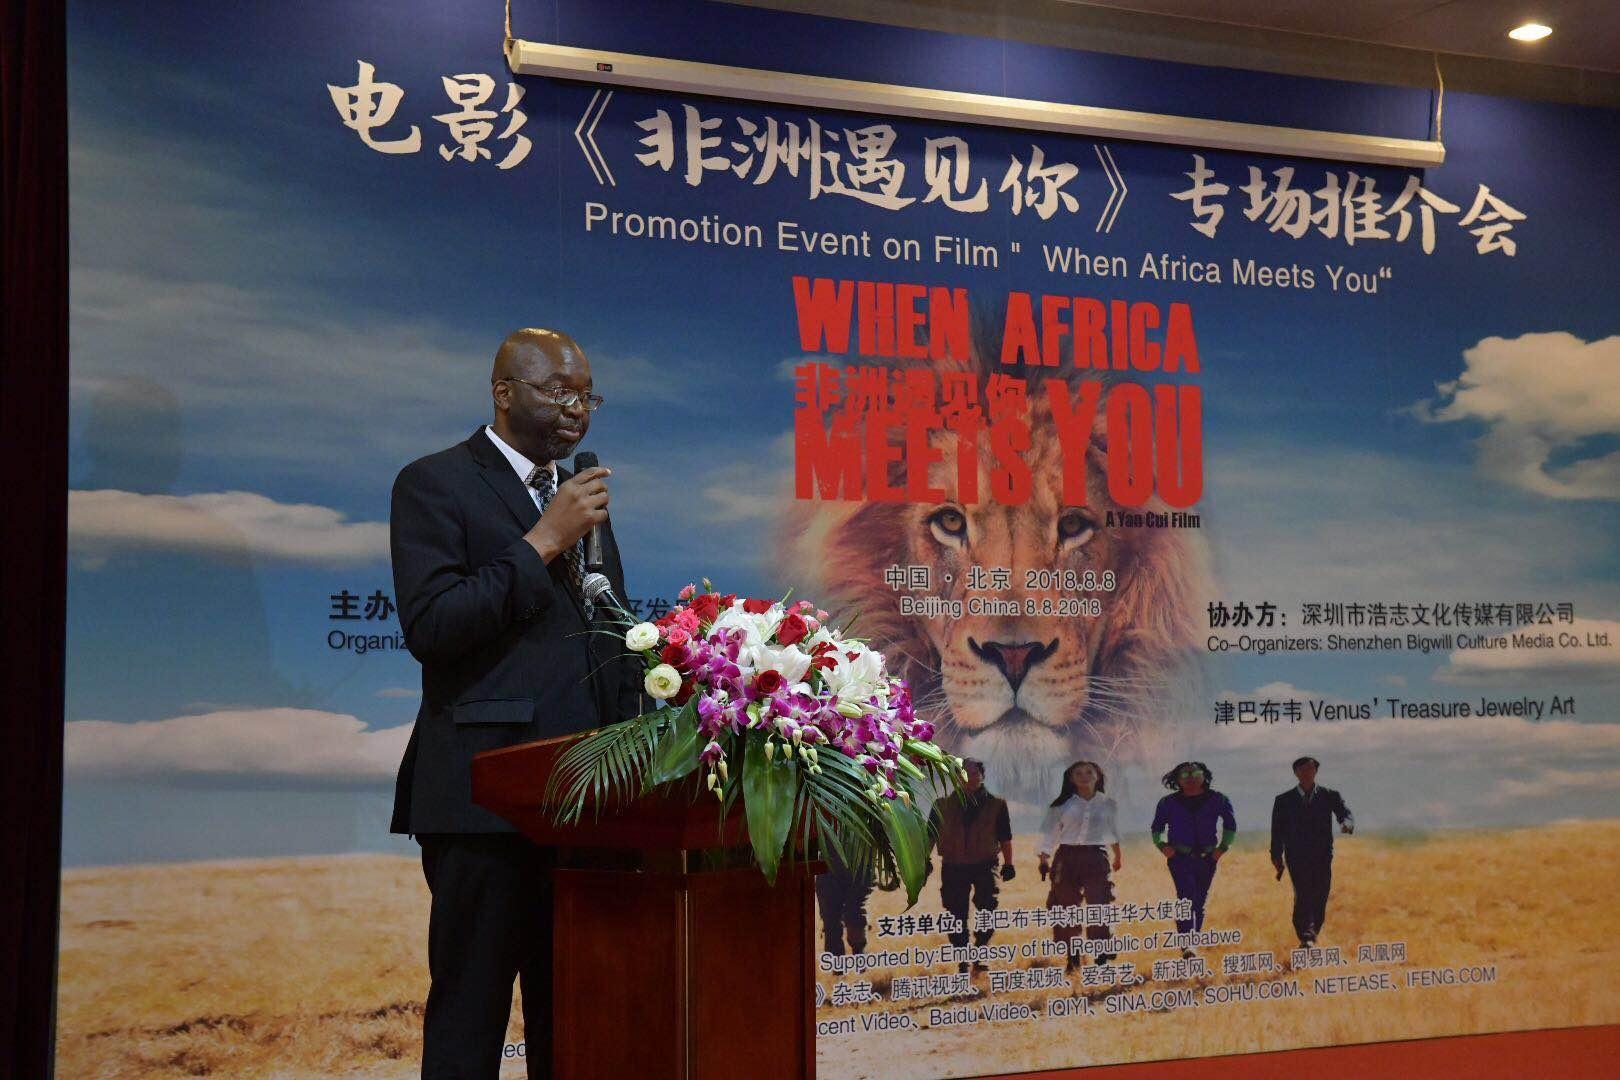 恰逢中非合作大年 《非洲遇见你》问世正当其时